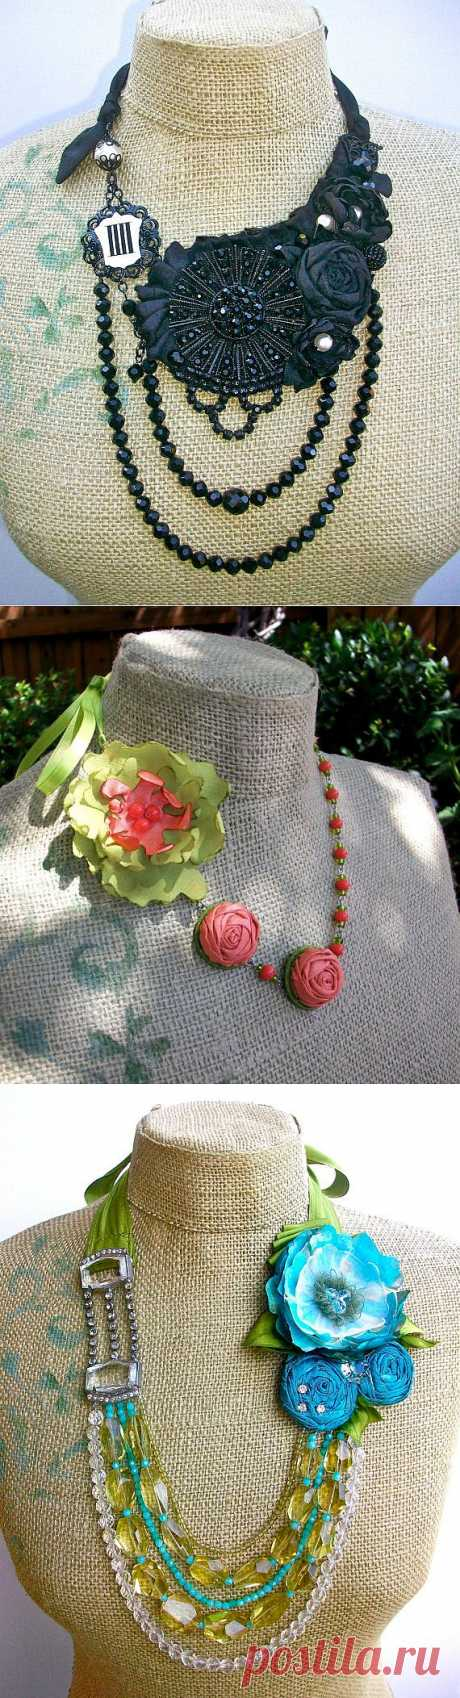 Текстильные украшения и воротник-украшение.